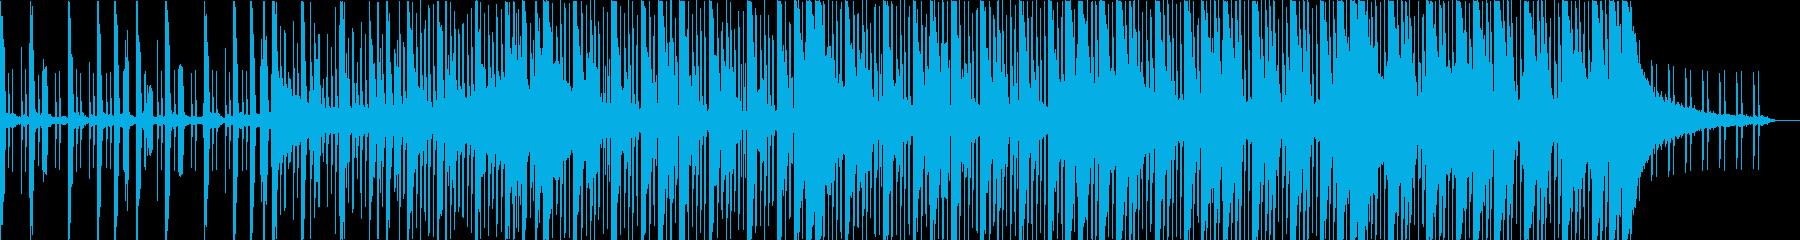 みずみずしいフューチャーエレクトロニカの再生済みの波形